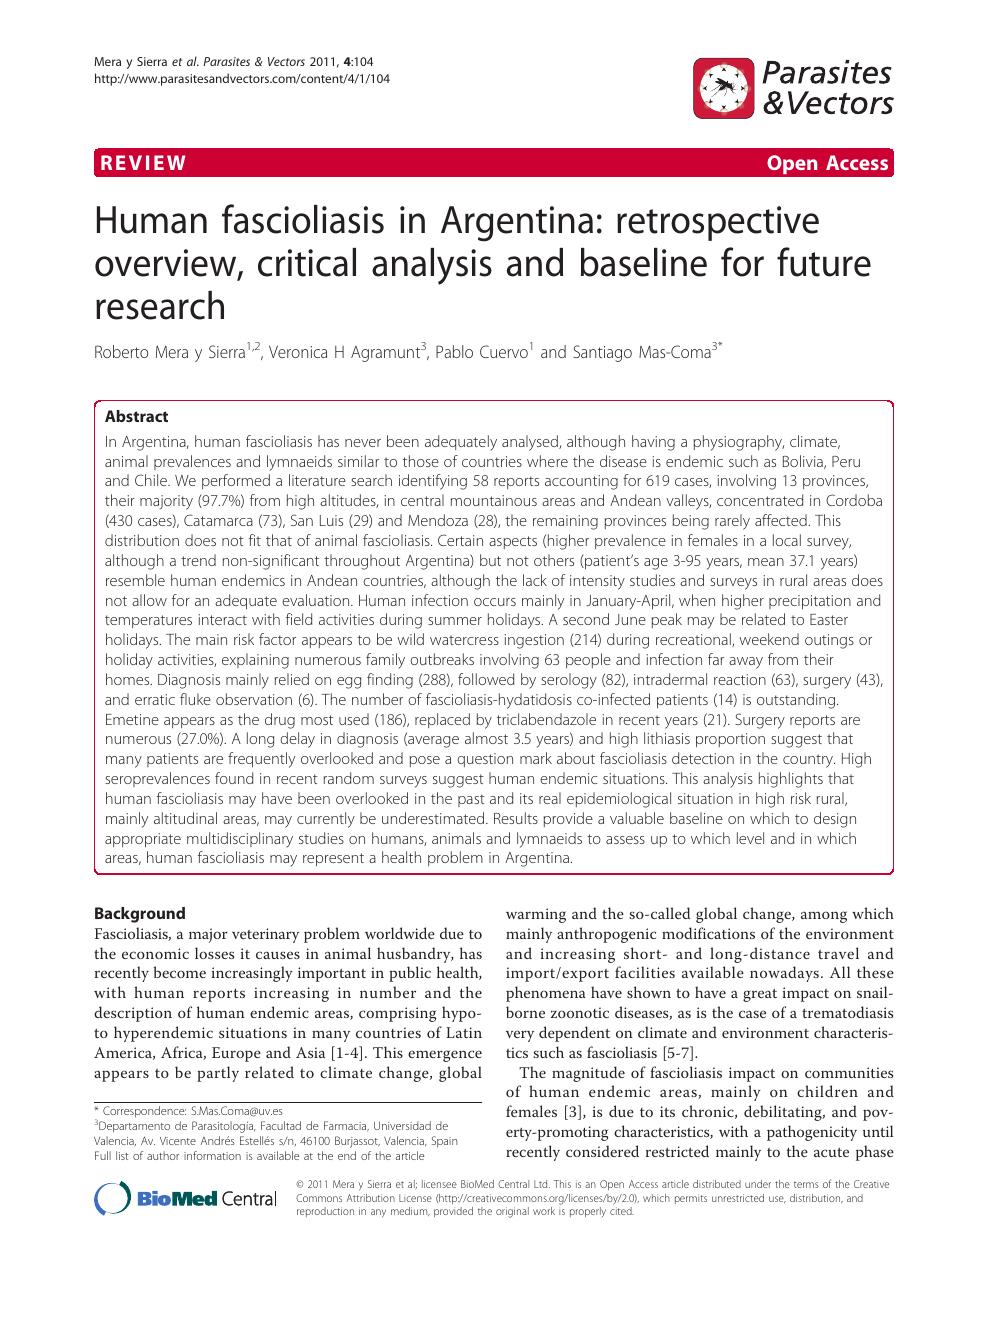 fascioliasis epidemiológia paraziták a máj gyógynövényes kezelésében